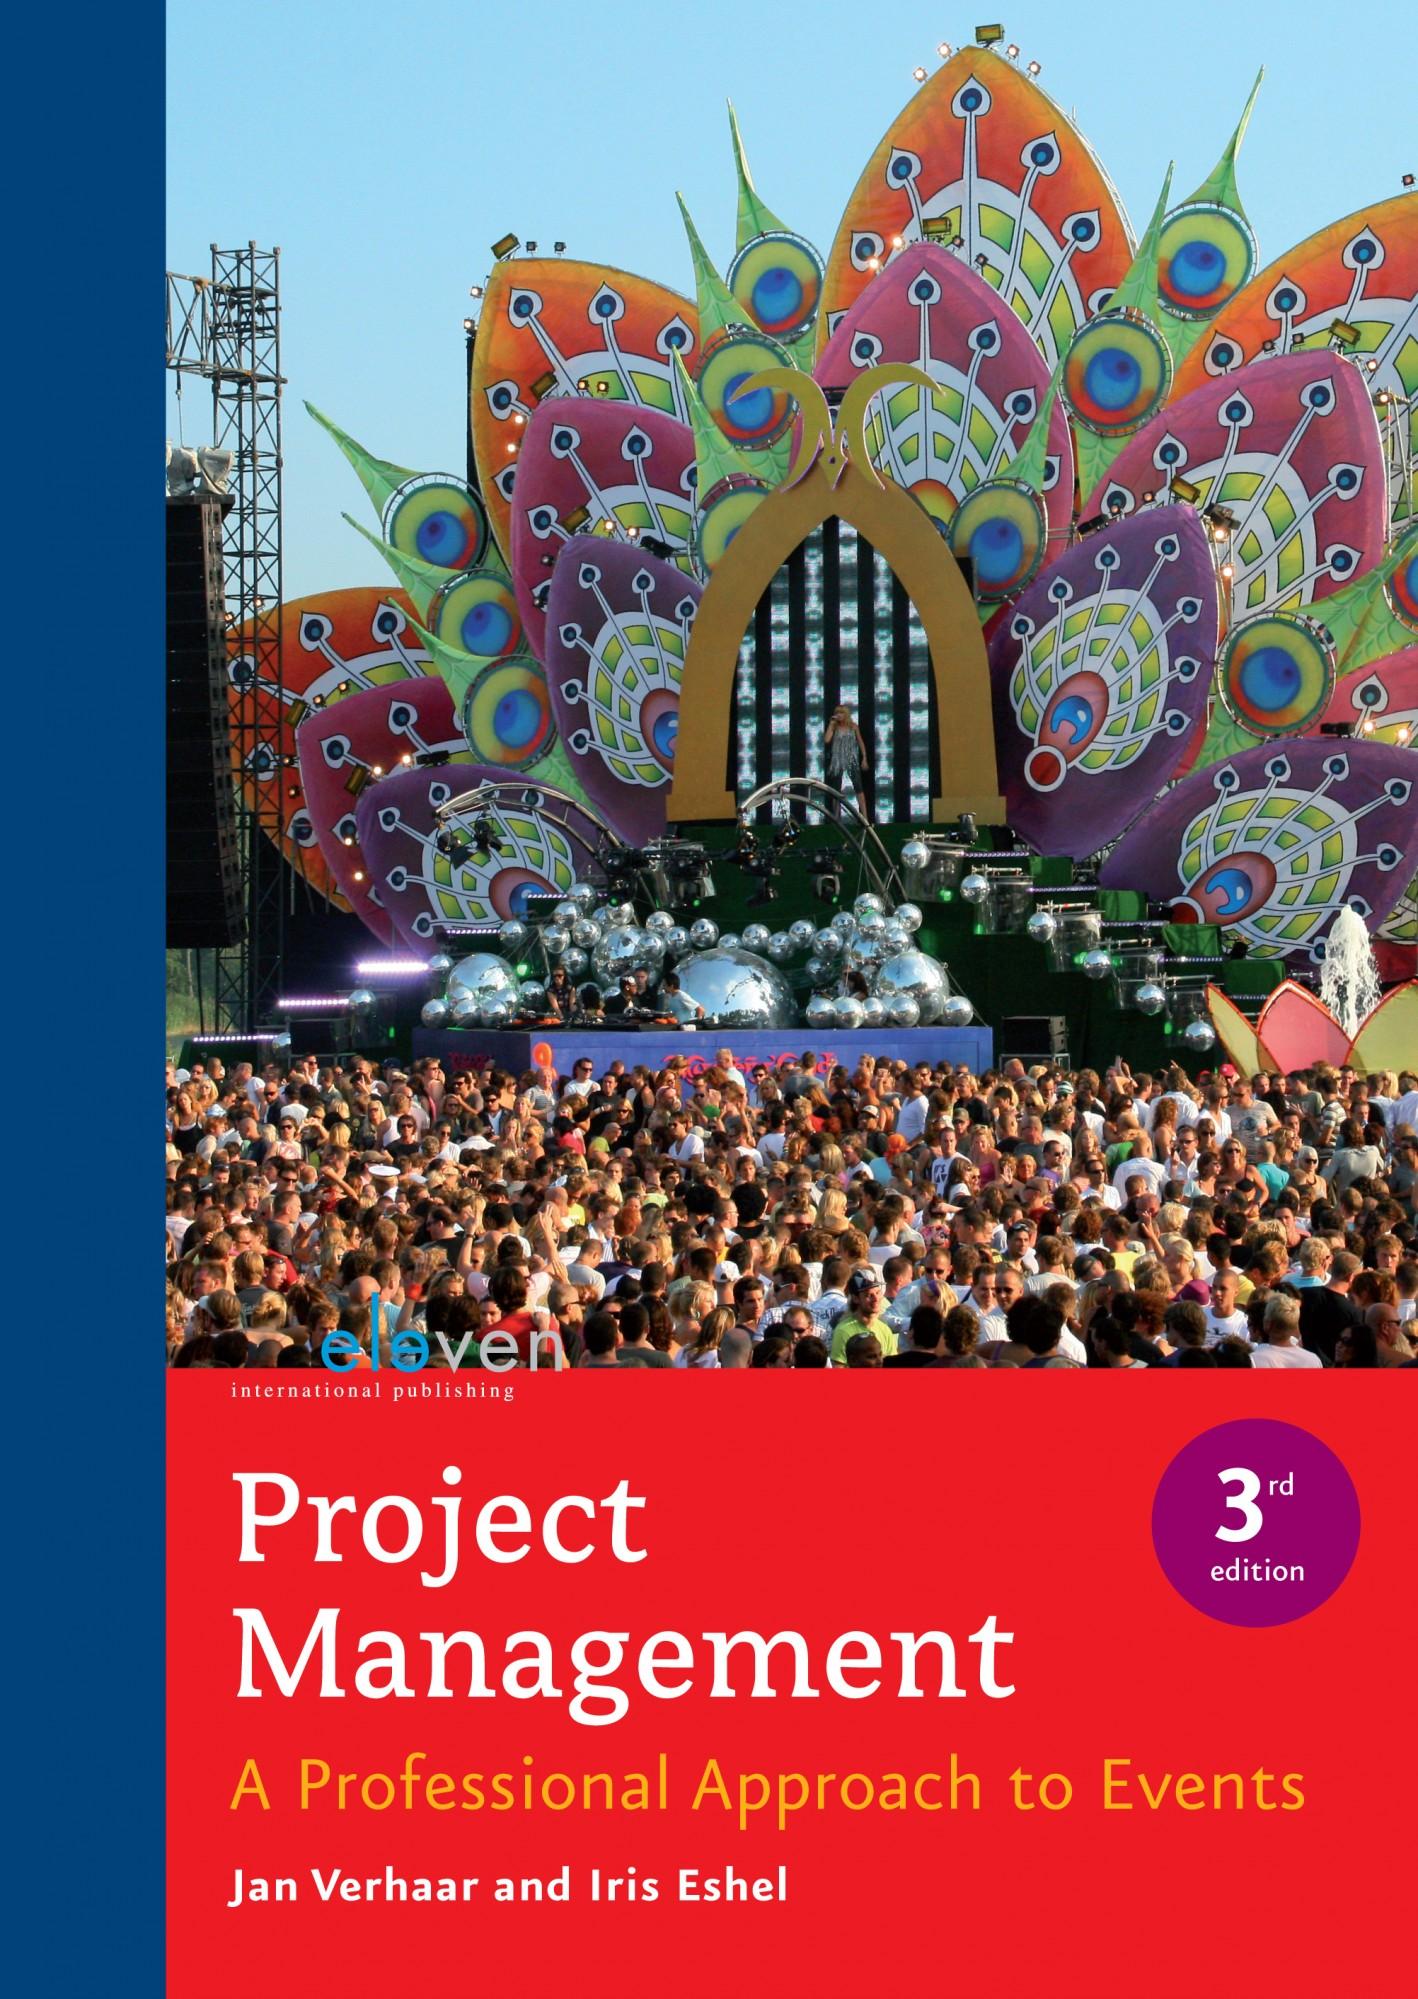 Project management third edition verhaar eshel 9789462360716 project management third edition verhaar eshel 9789462360716 boom hoger onderwijs fandeluxe Choice Image